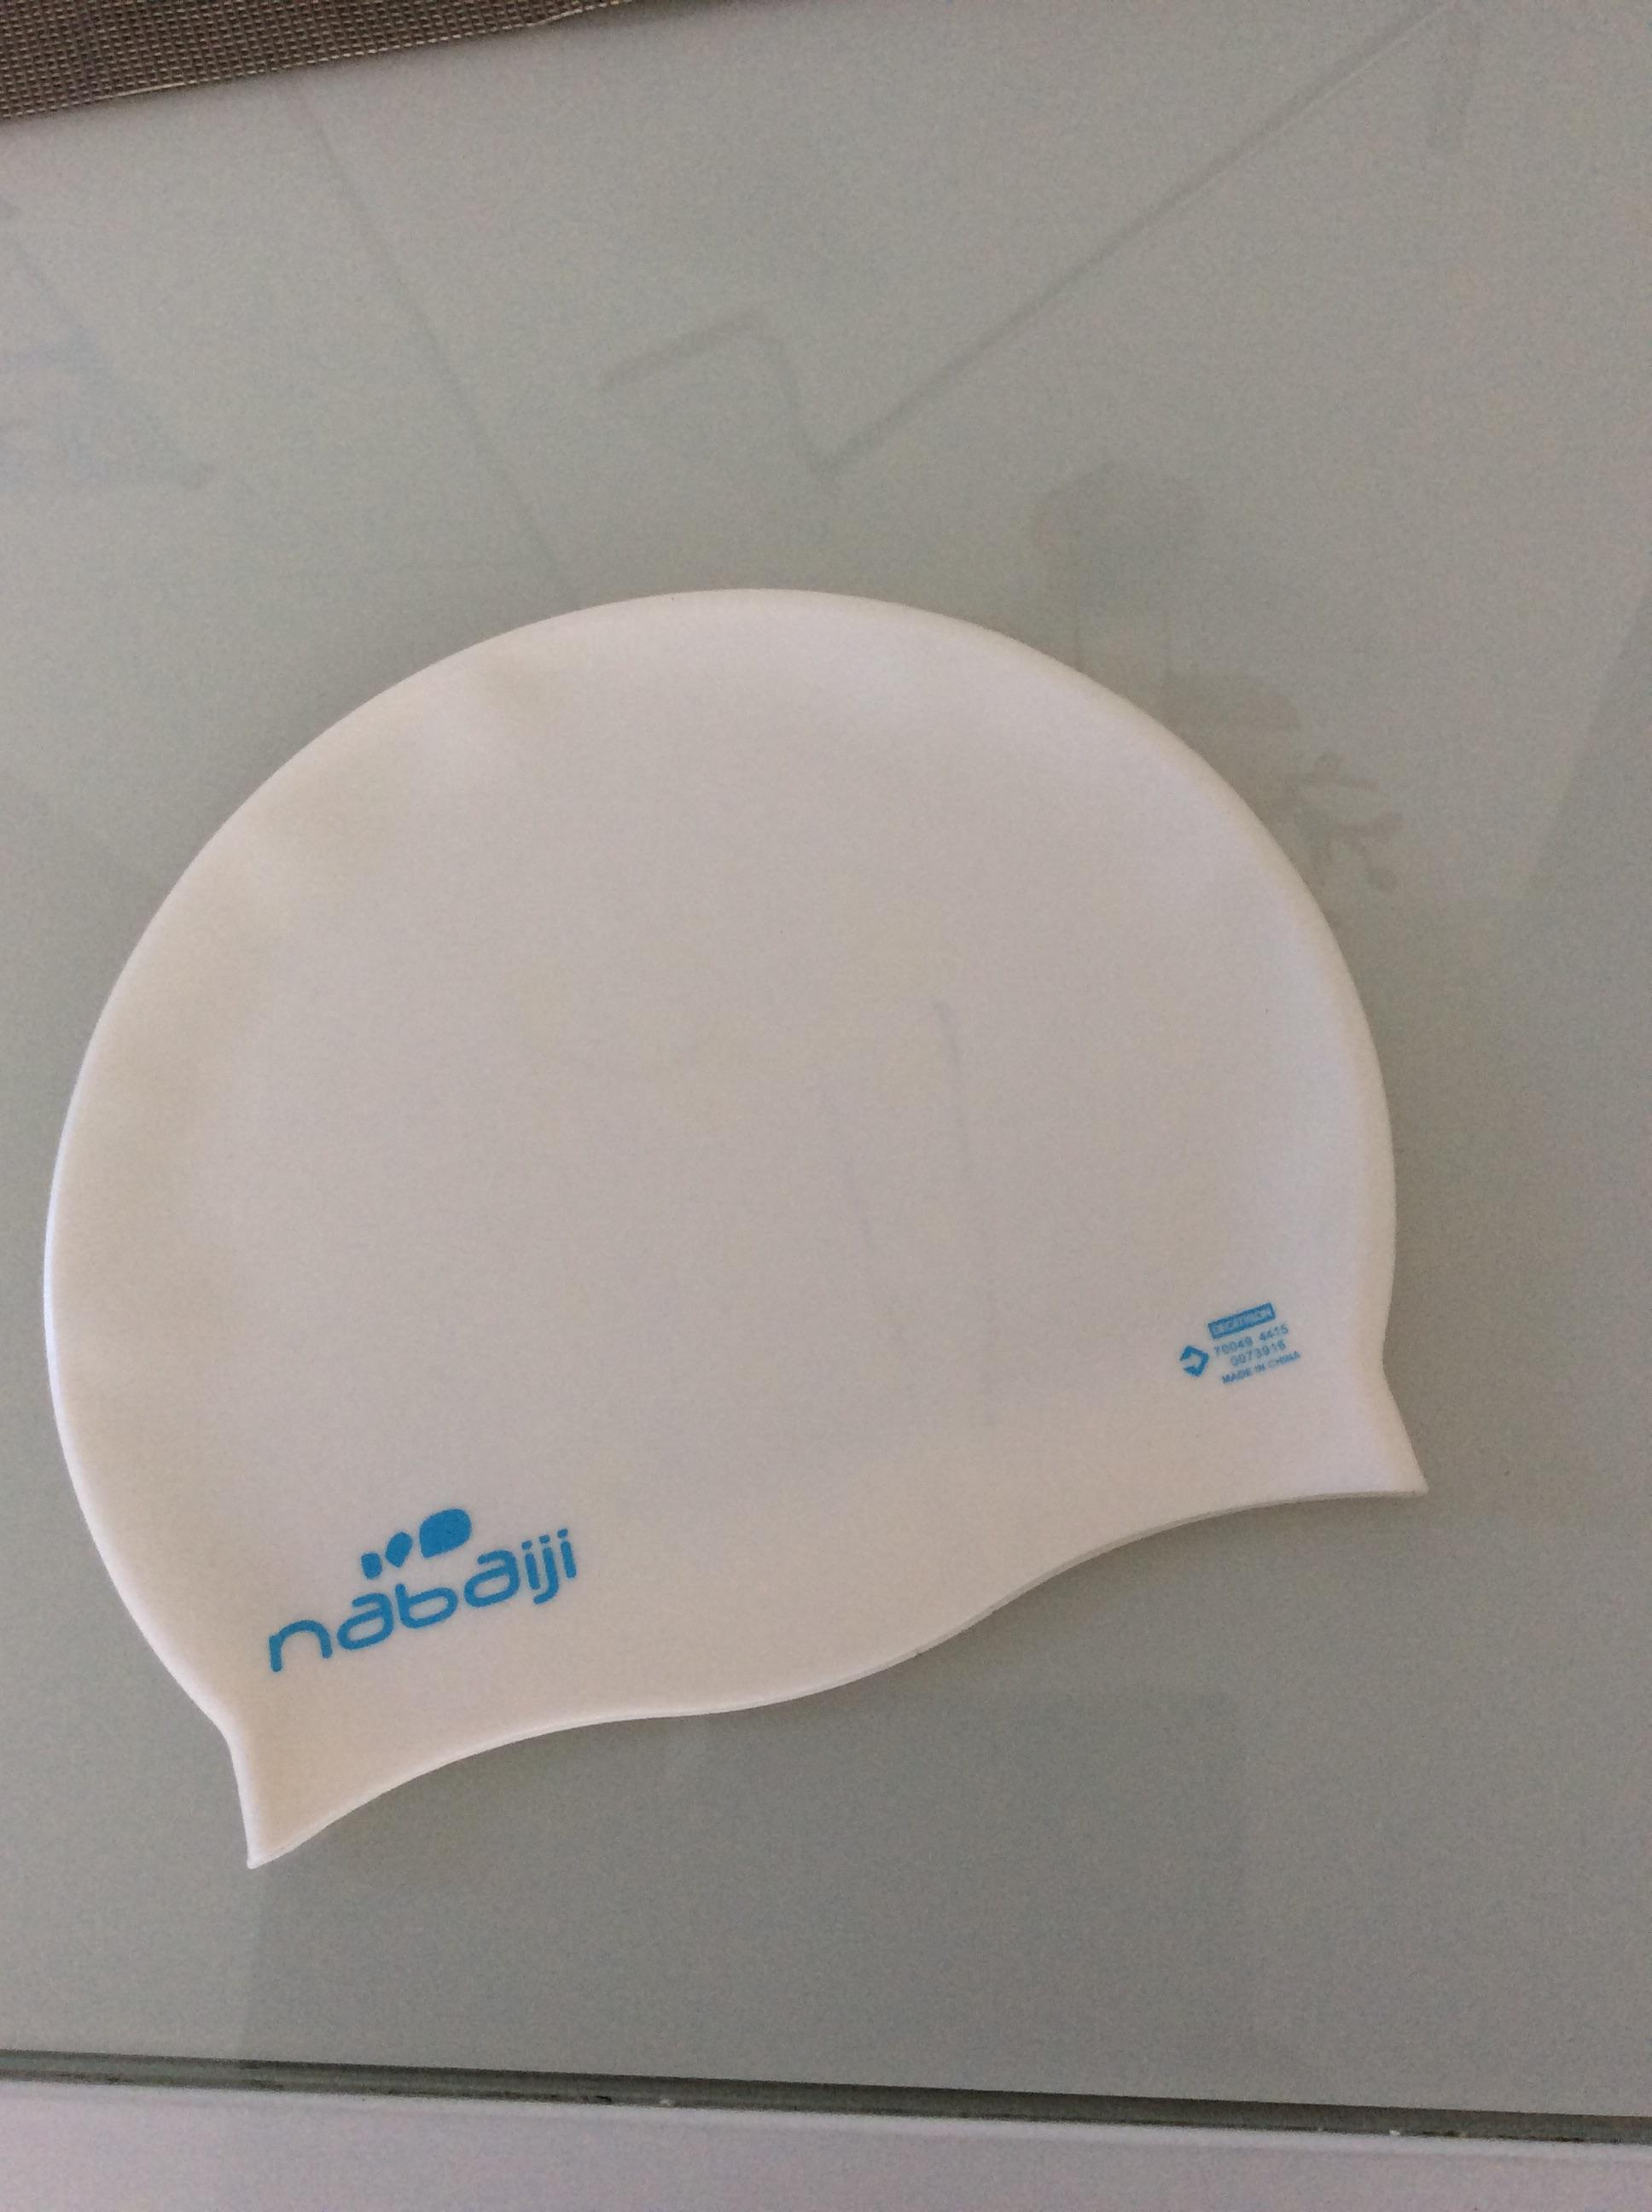 troc de troc bonnet piscine image 0